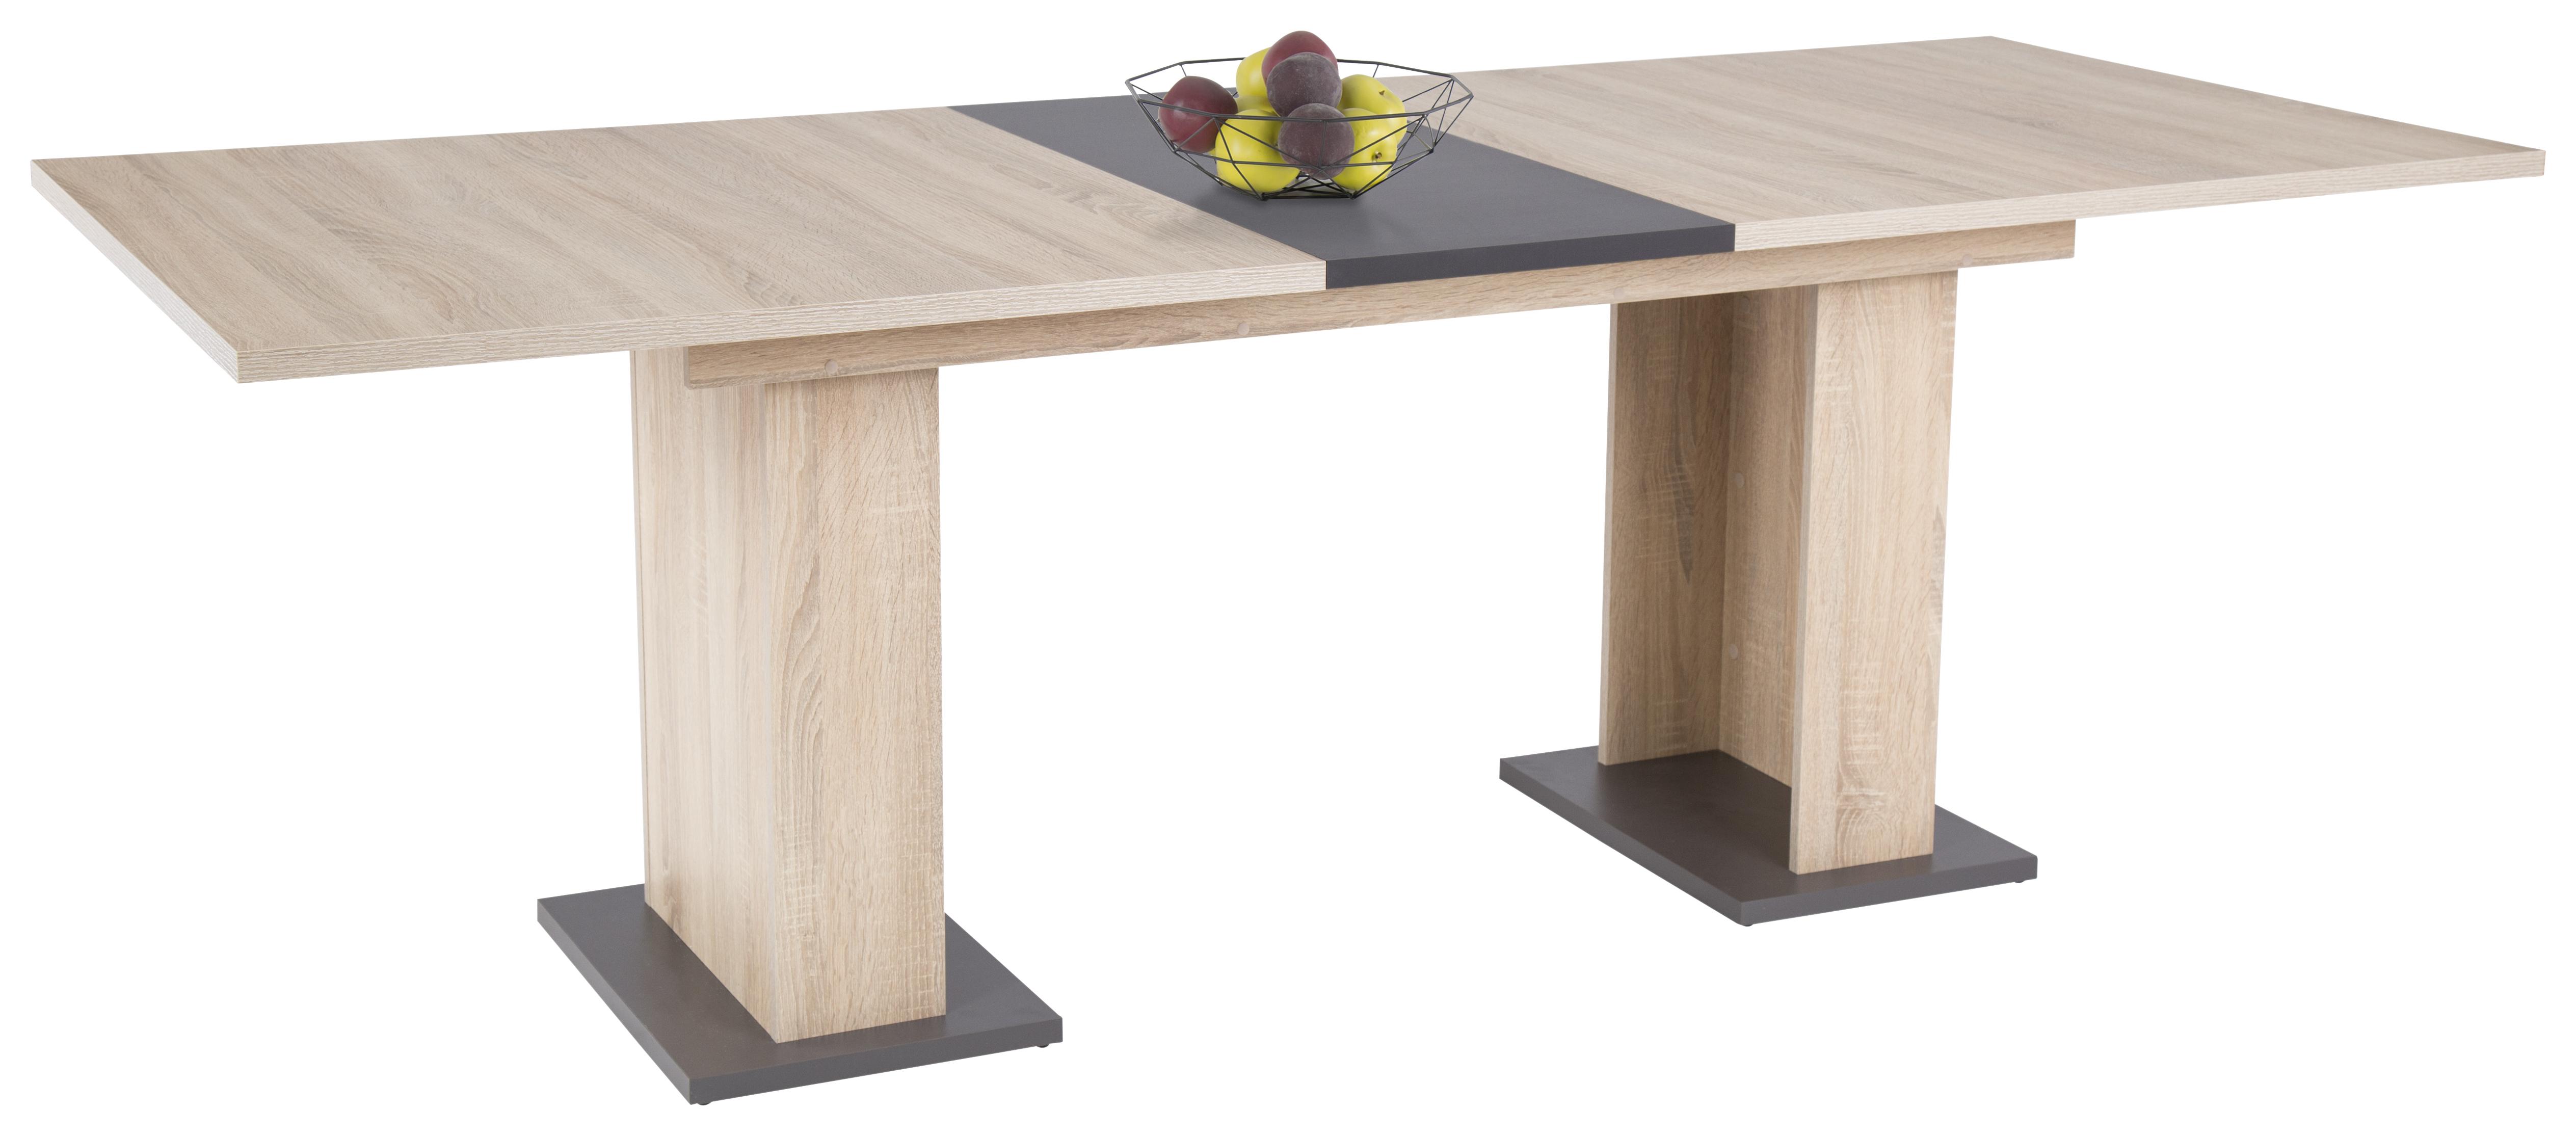 m belhaus 24 esstisch olivia sonoma grau m belhaus 24 online m bel kaufen qualit t. Black Bedroom Furniture Sets. Home Design Ideas